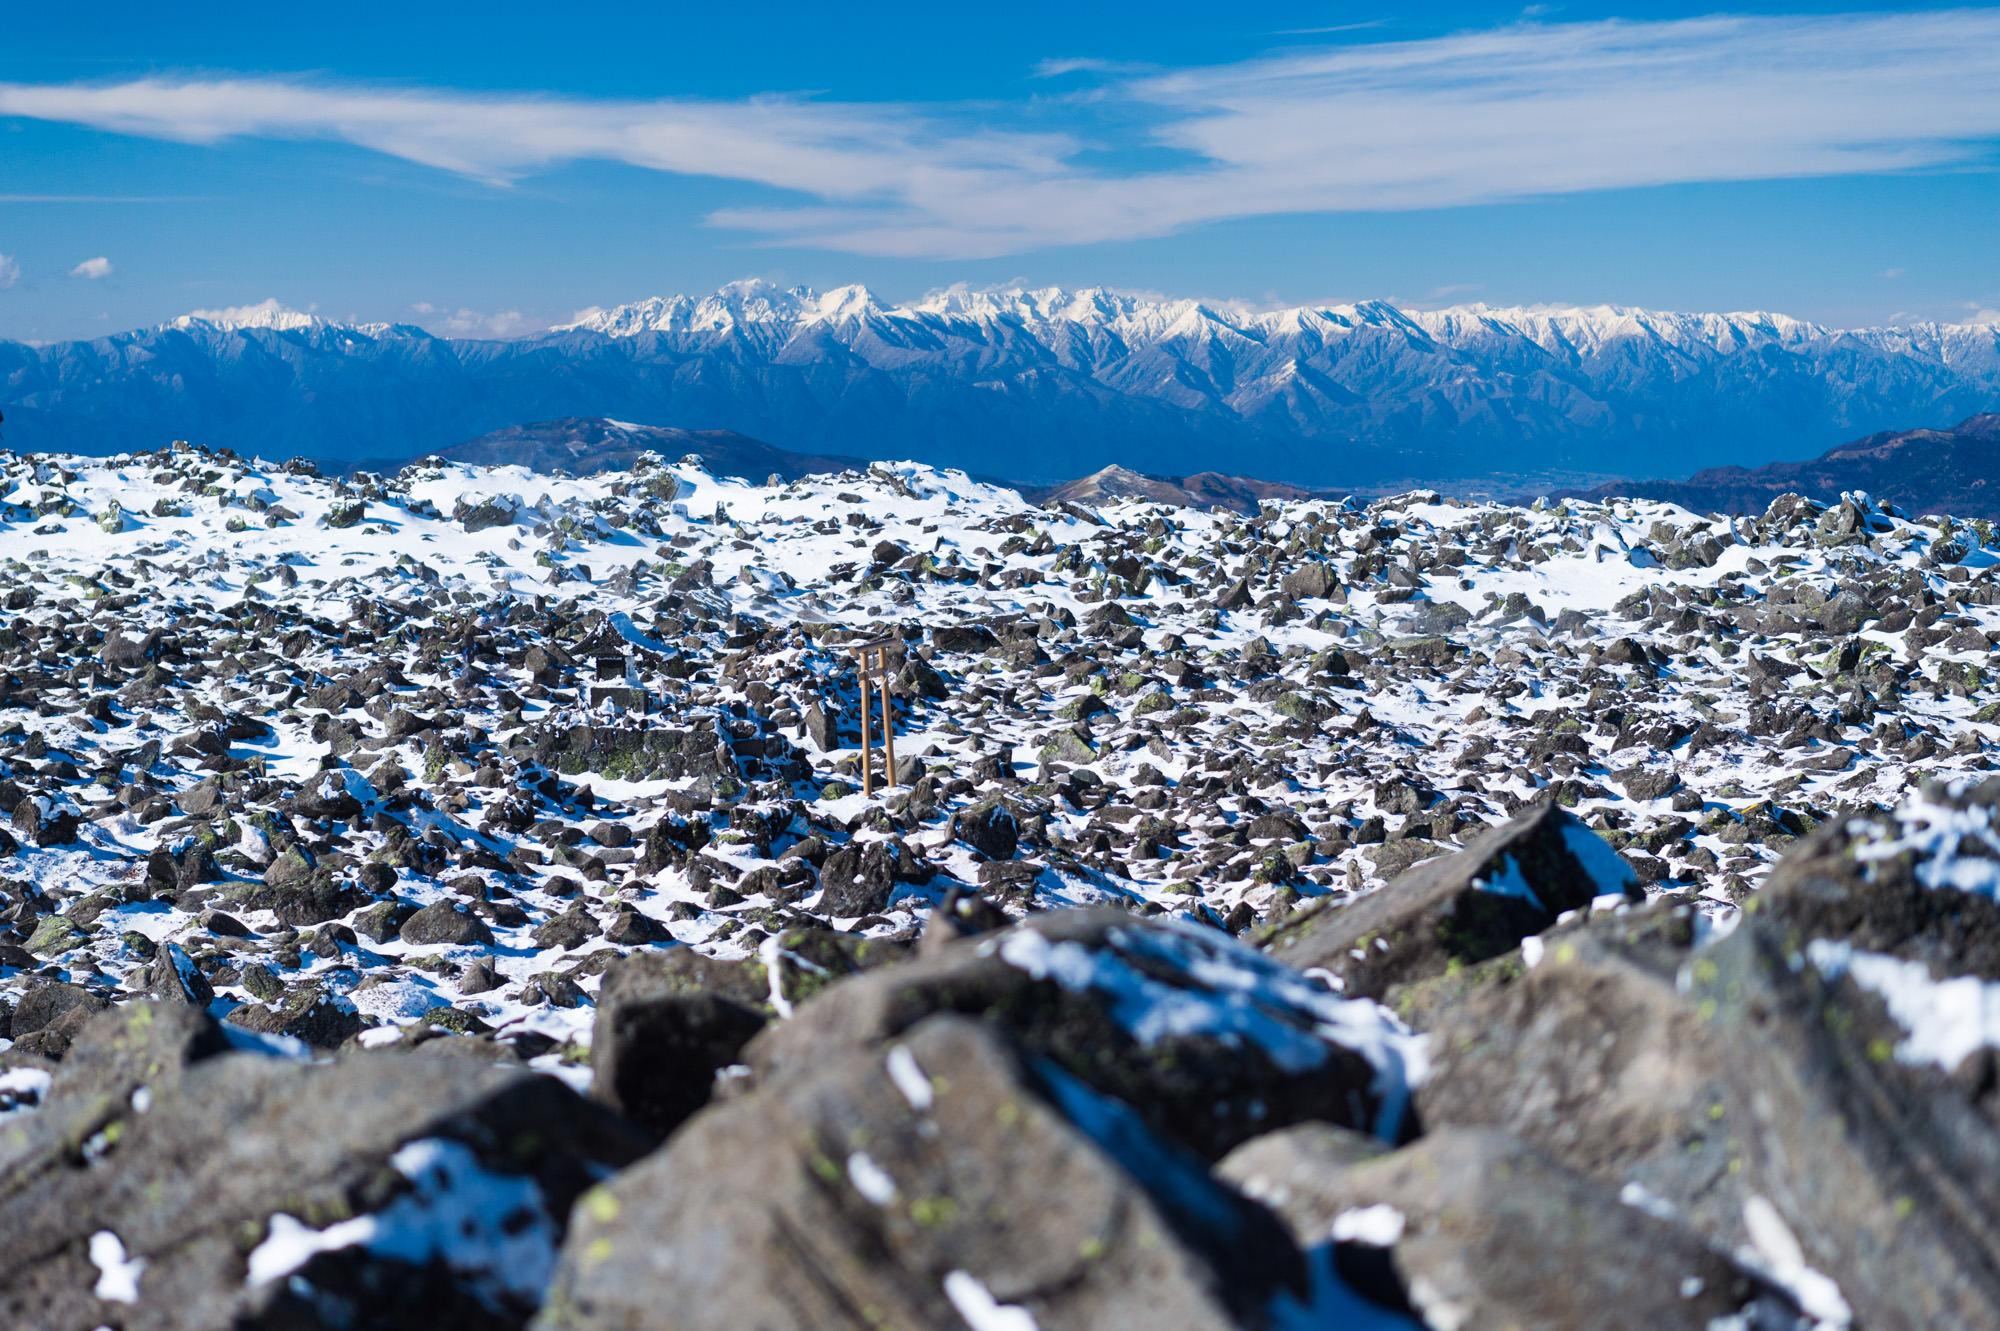 蓼科山山頂をつくる岩稜